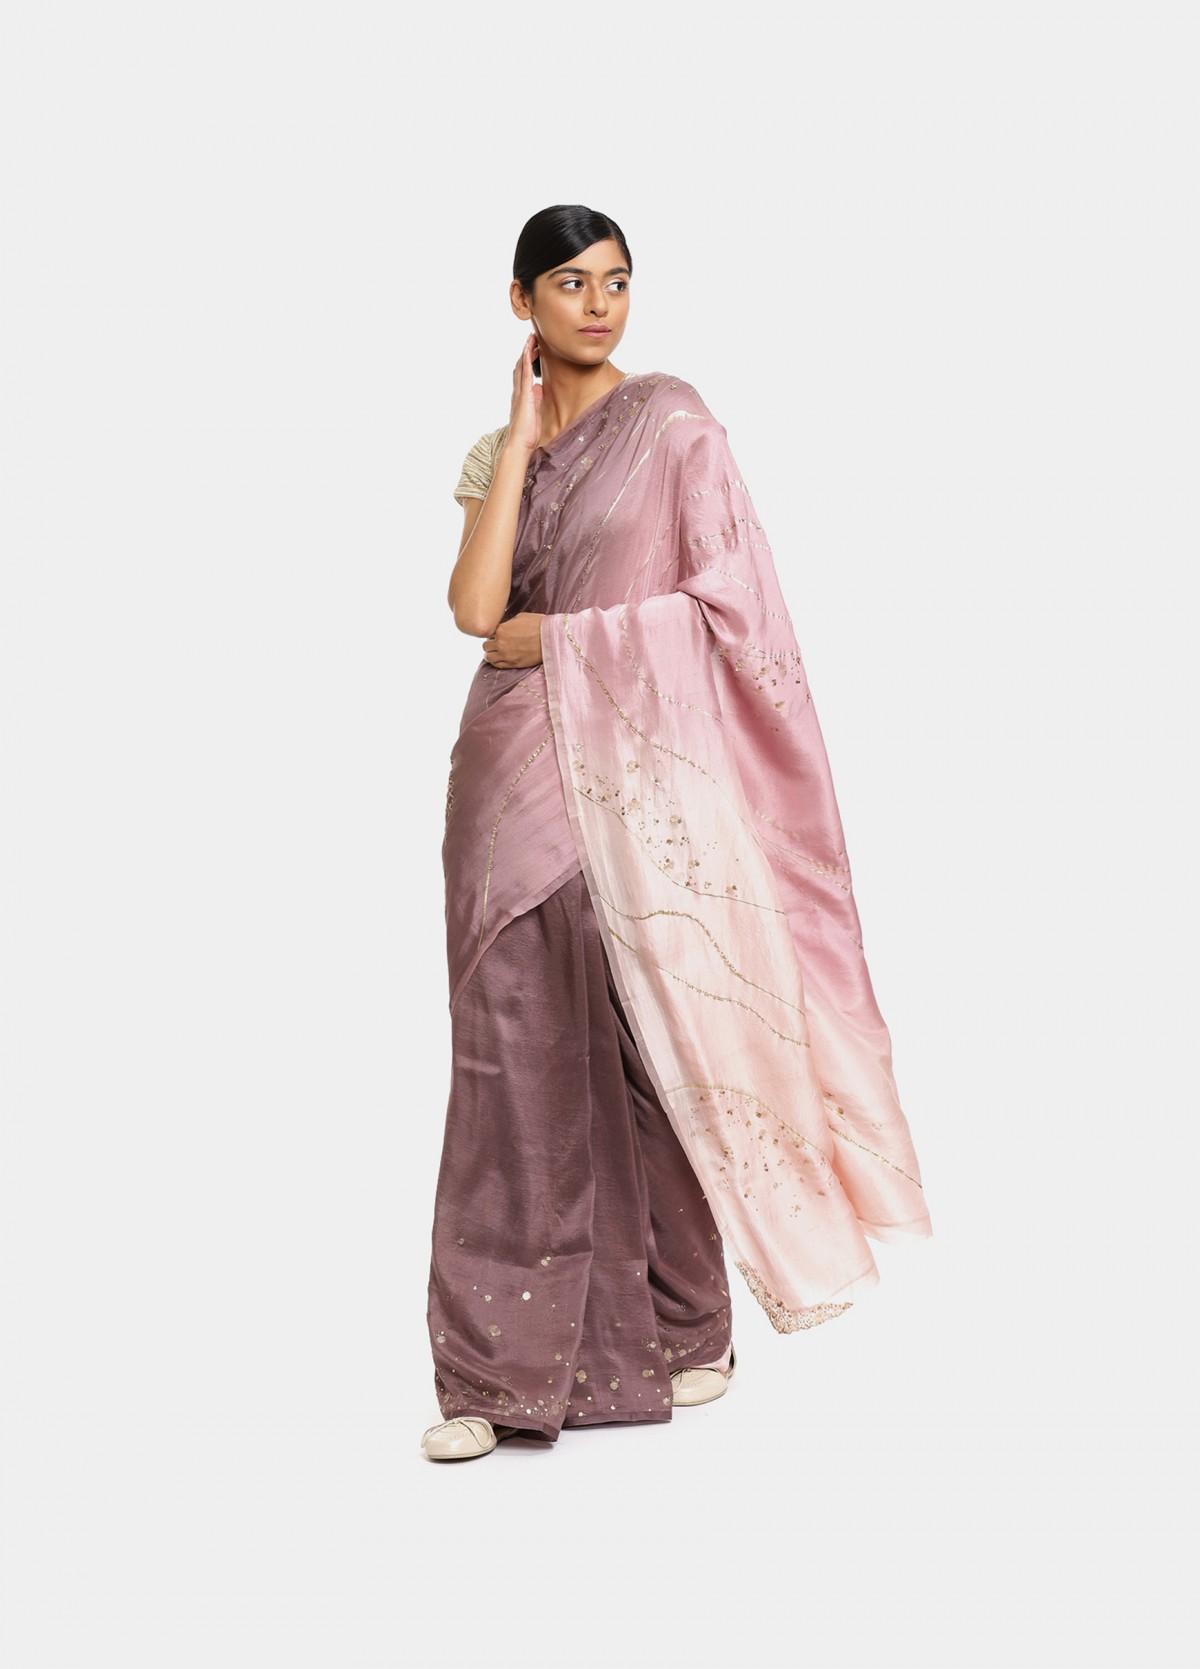 The Fluid Sari